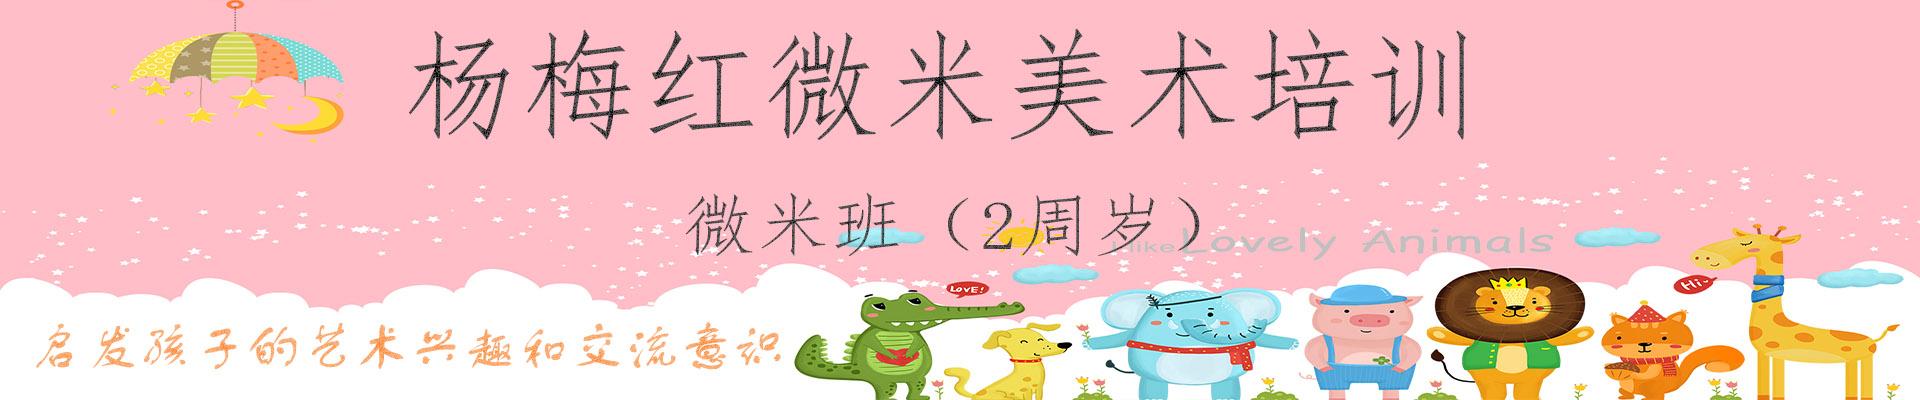 无锡荟聚杨梅红国际私立美校